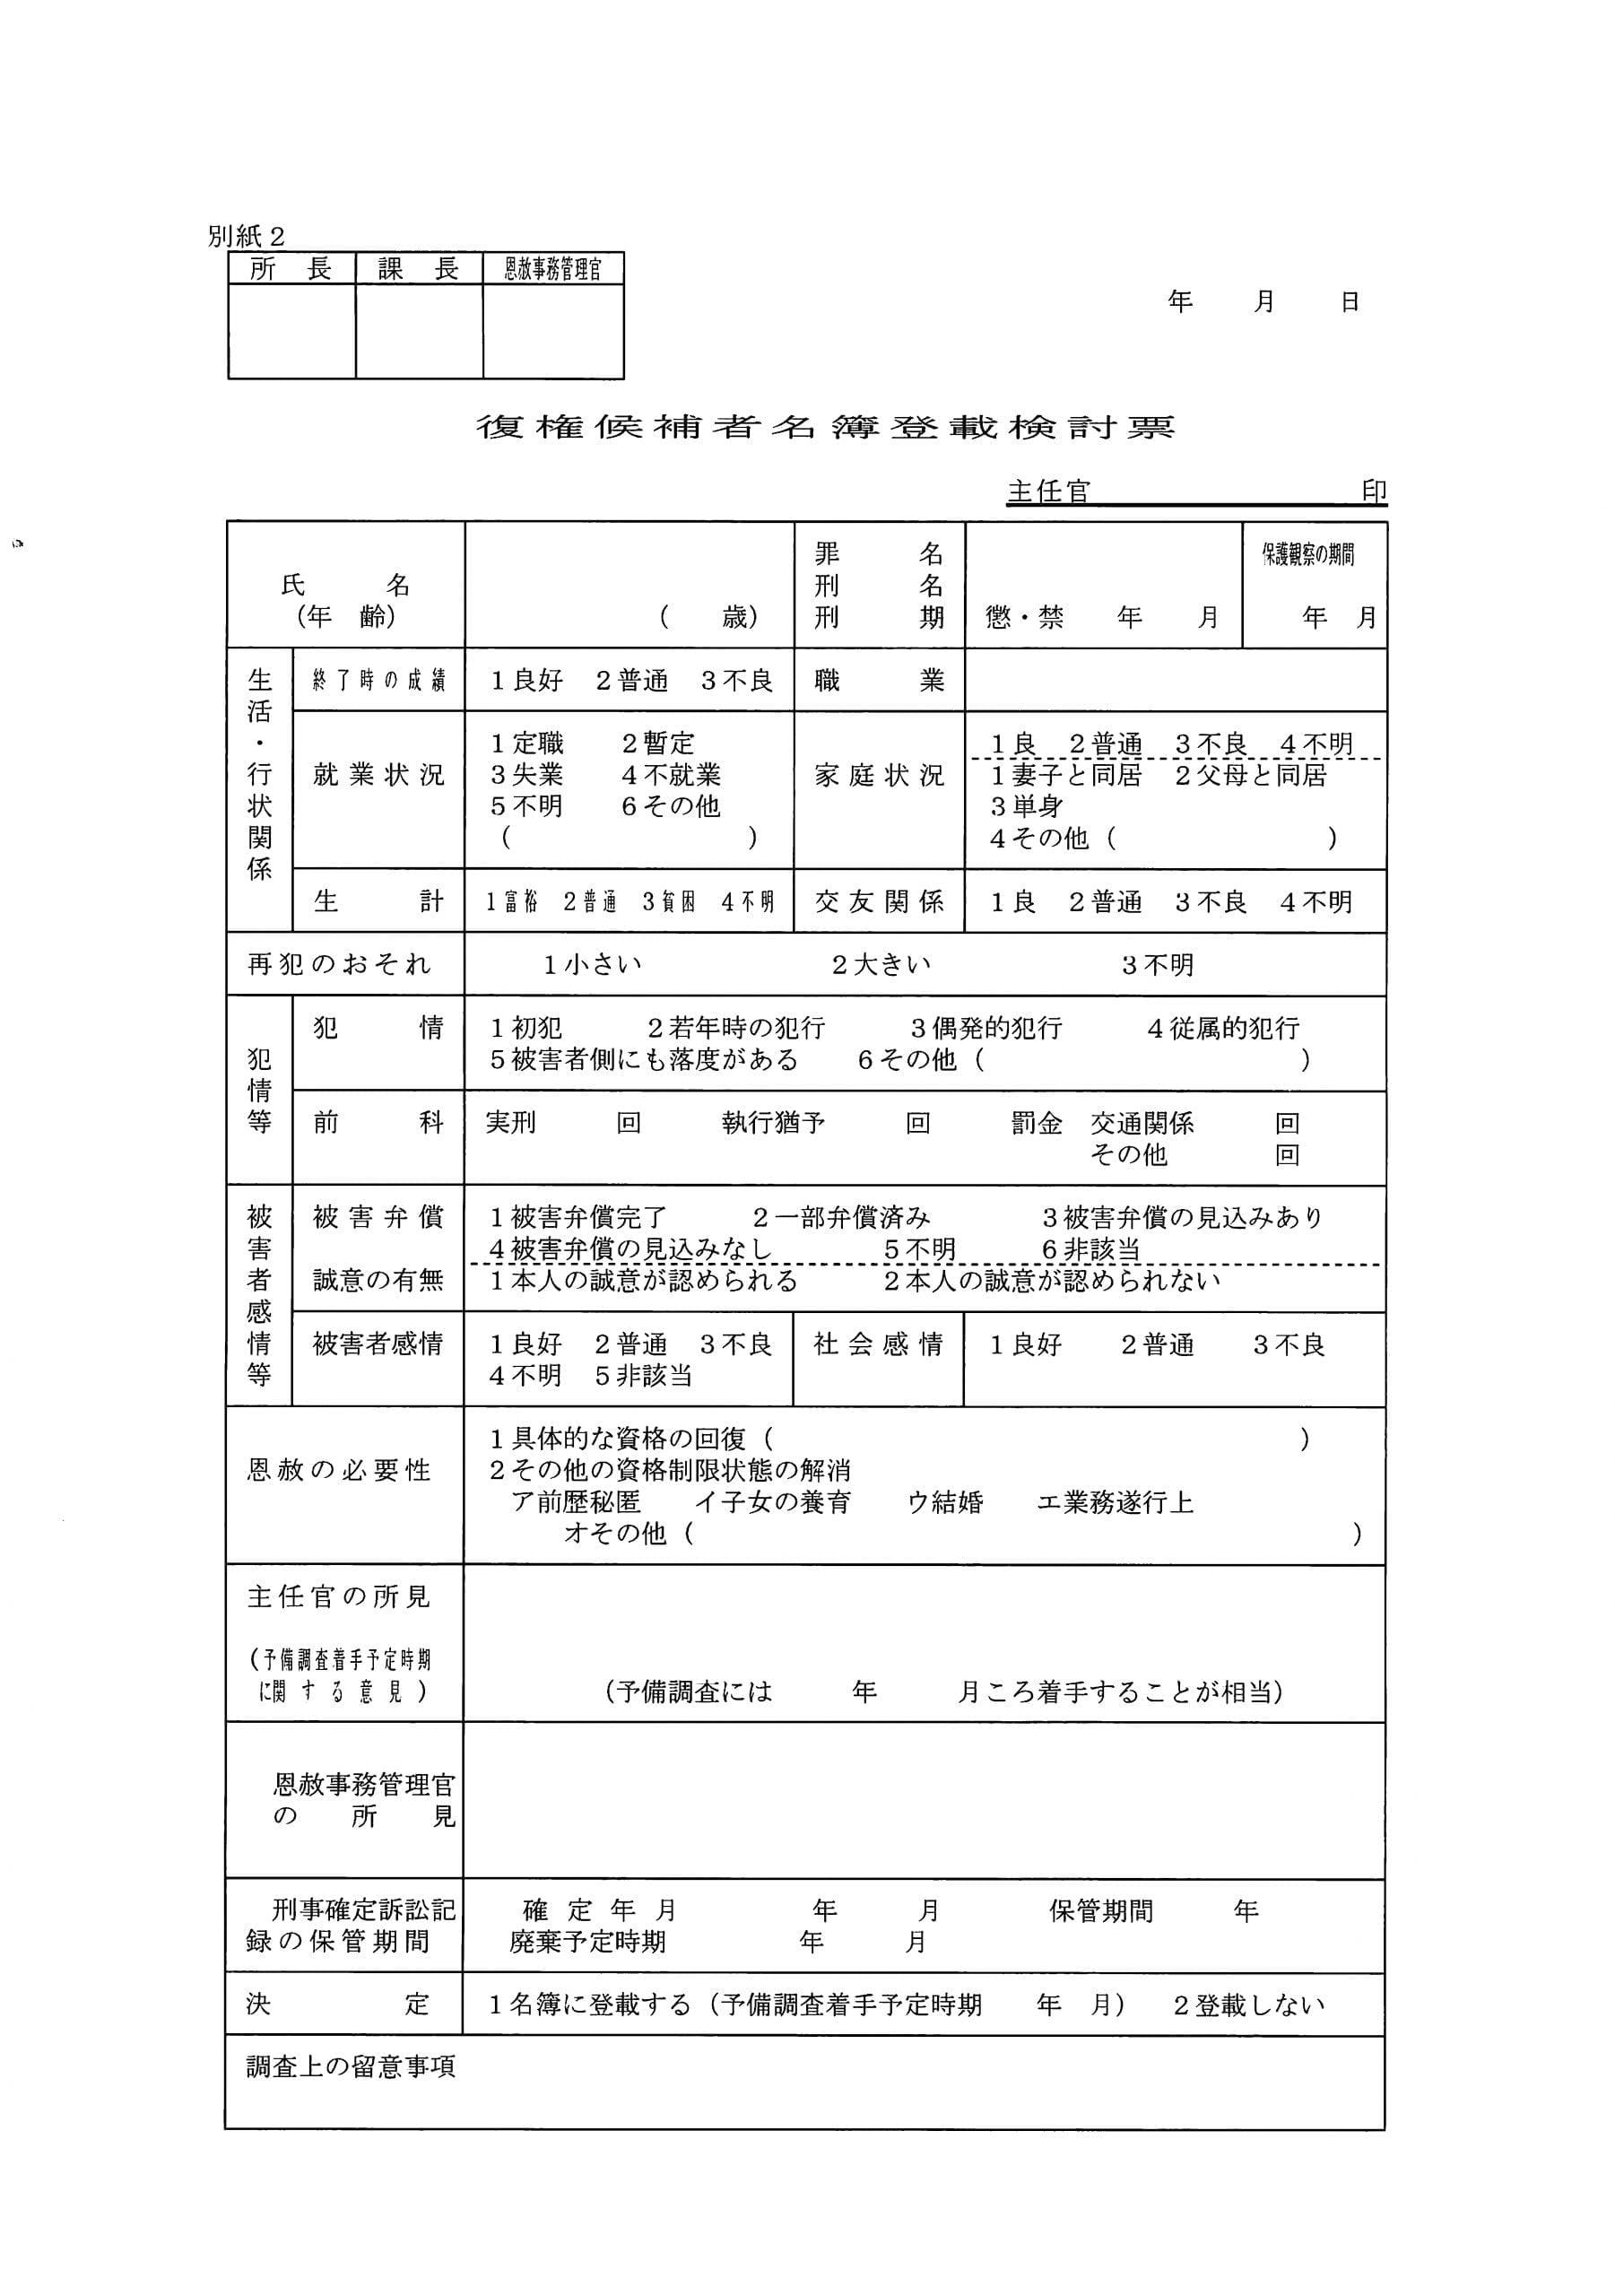 恩赦に関する記事の一覧   弁護士山中理司のブログ